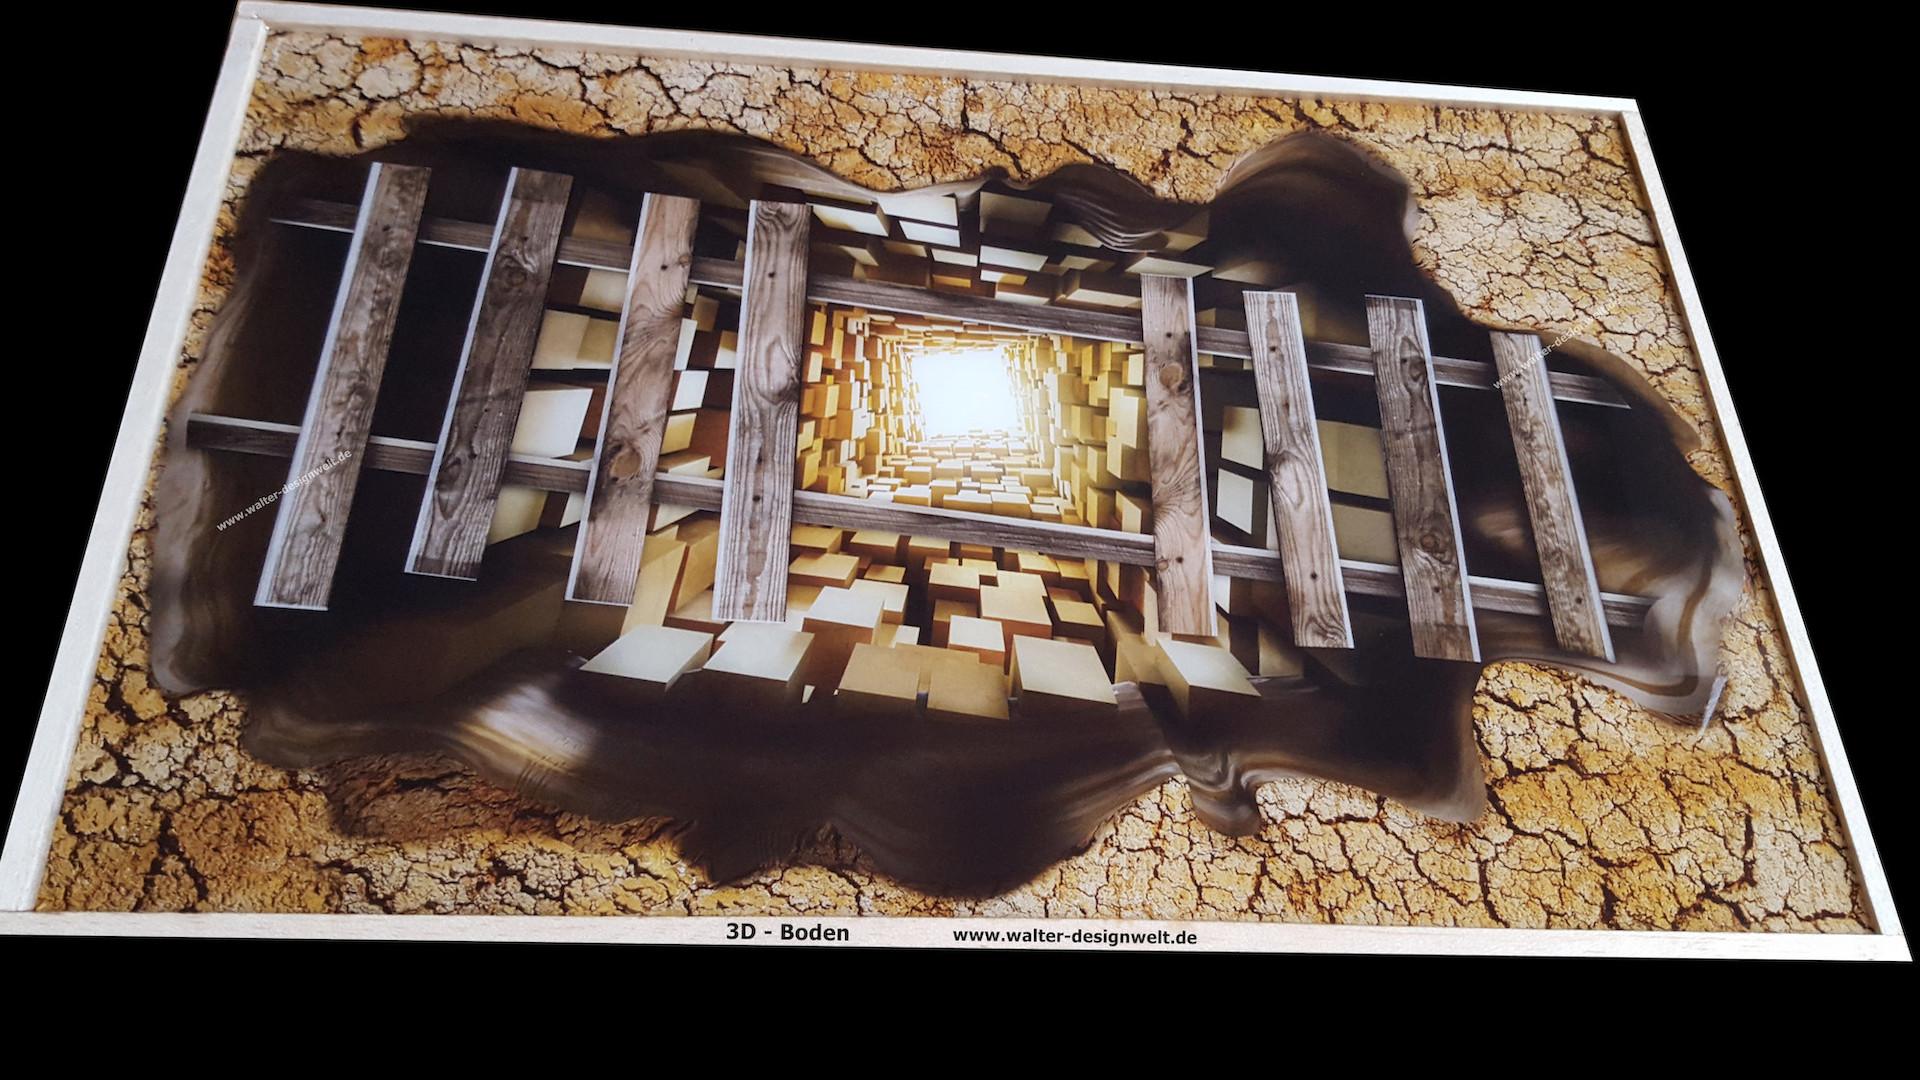 3d boden walter designwelt for Boden 3d bilder